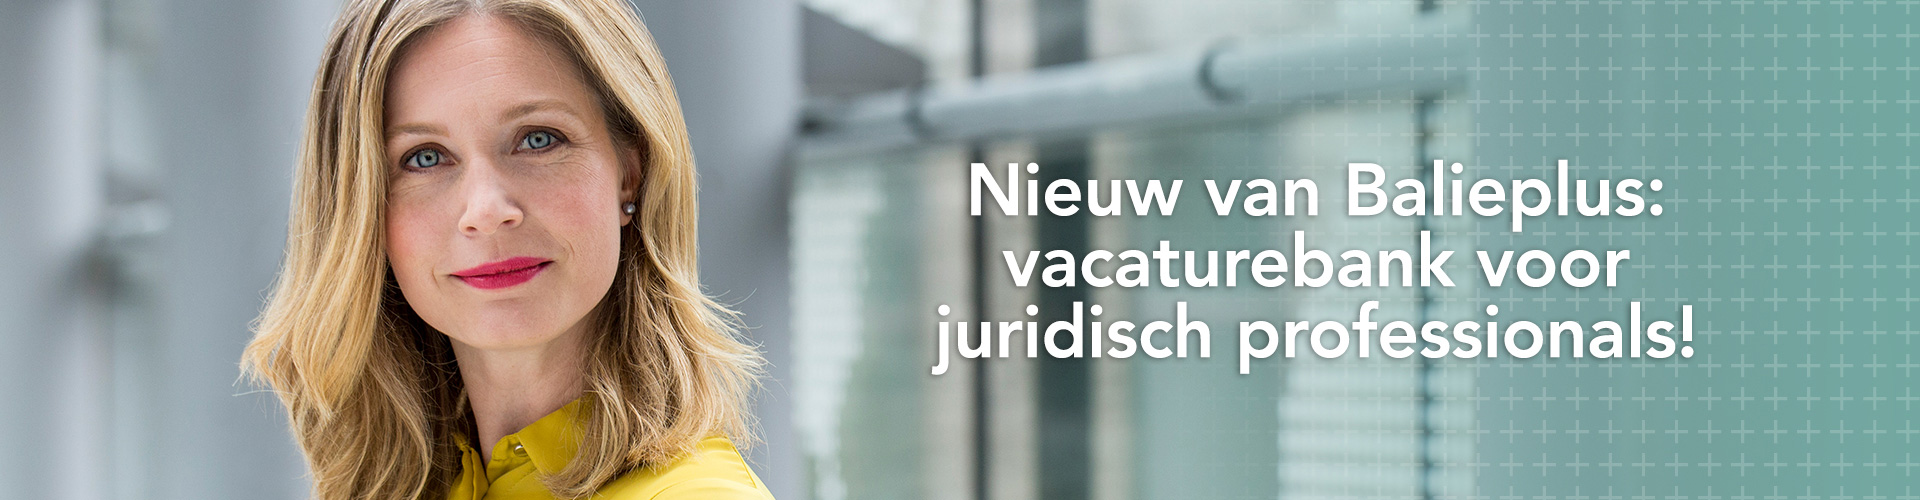 Vacaturebank voor juridisch professionals - Balieplus